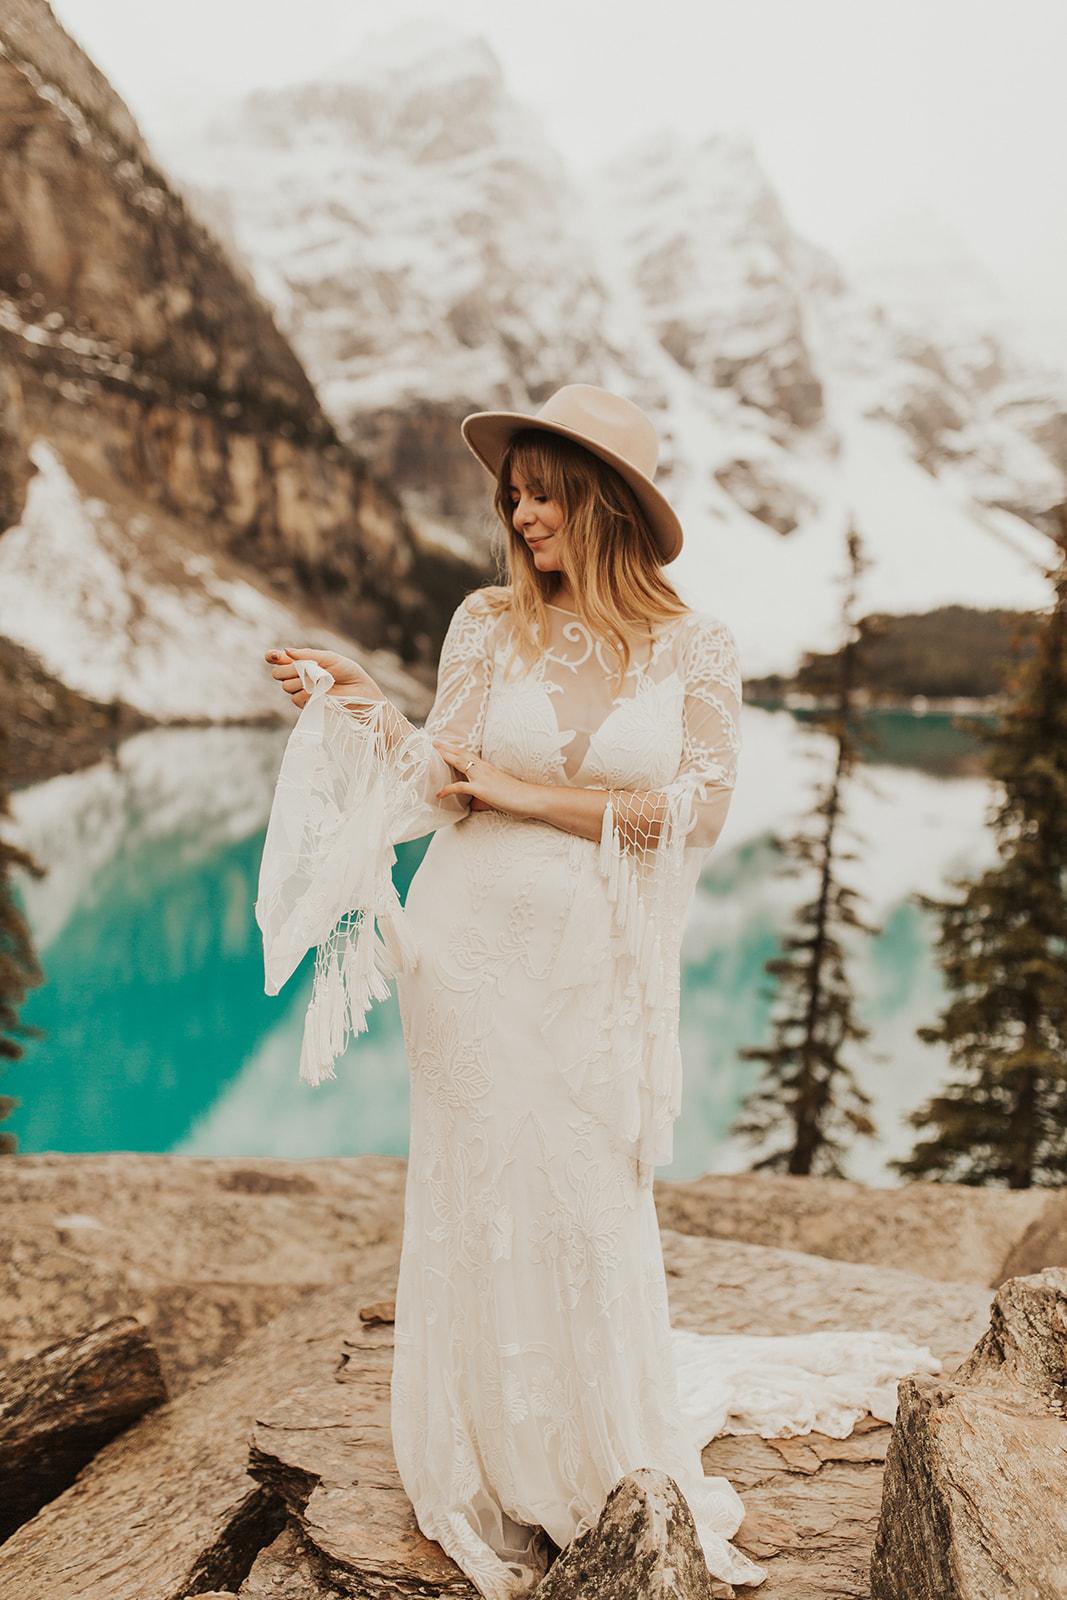 Banff Elopement l Lake Moraine Elopement l Vintage Bolo Tie l Pampas Grass Boho Boquet l Rue Design Wedding Dress l Banff Wedding Photographer l Destination Wedding Photographer l Katy Rose Photo_-97.jpg